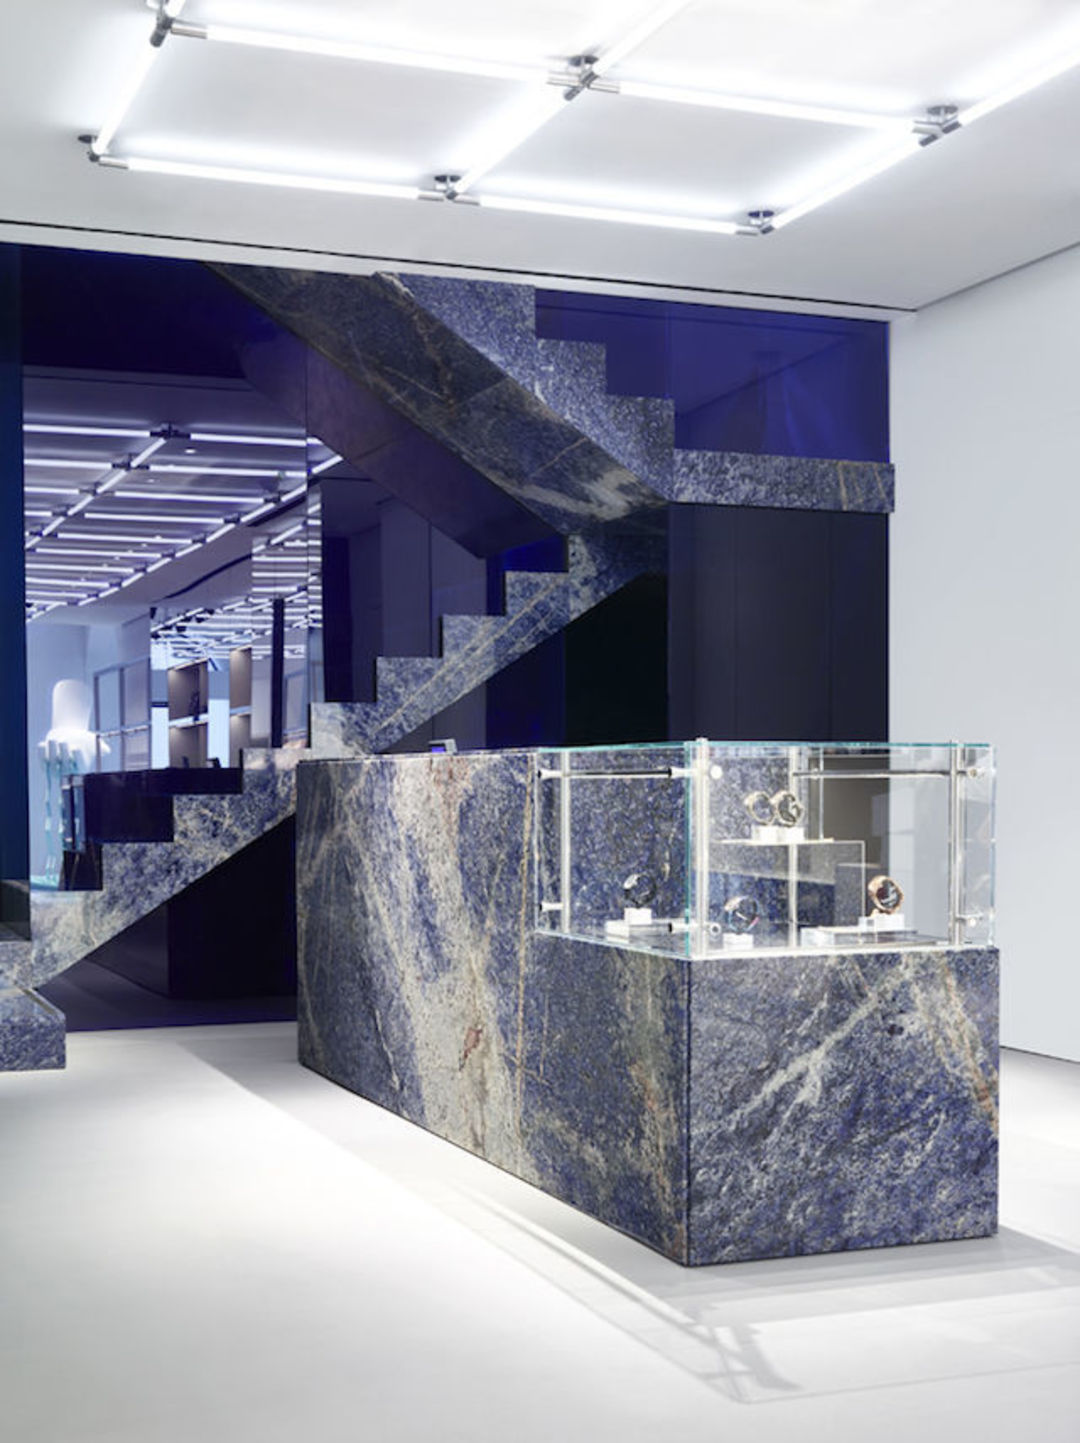 KENZO的米兰新店就用了大理石元素,它有246平米大,橱窗的装饰是一只正在捞意面的手。